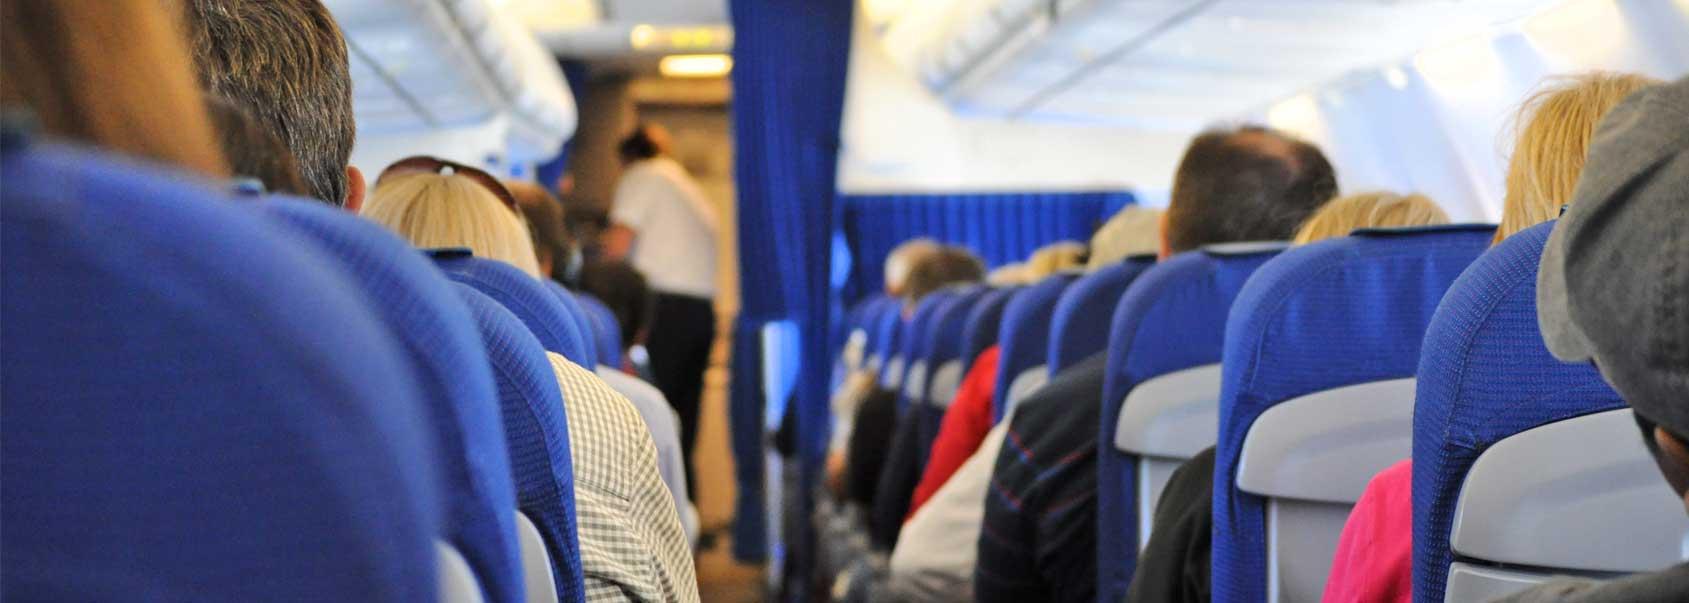 如何克服对飞行的恐惧:应对的重要基本技巧